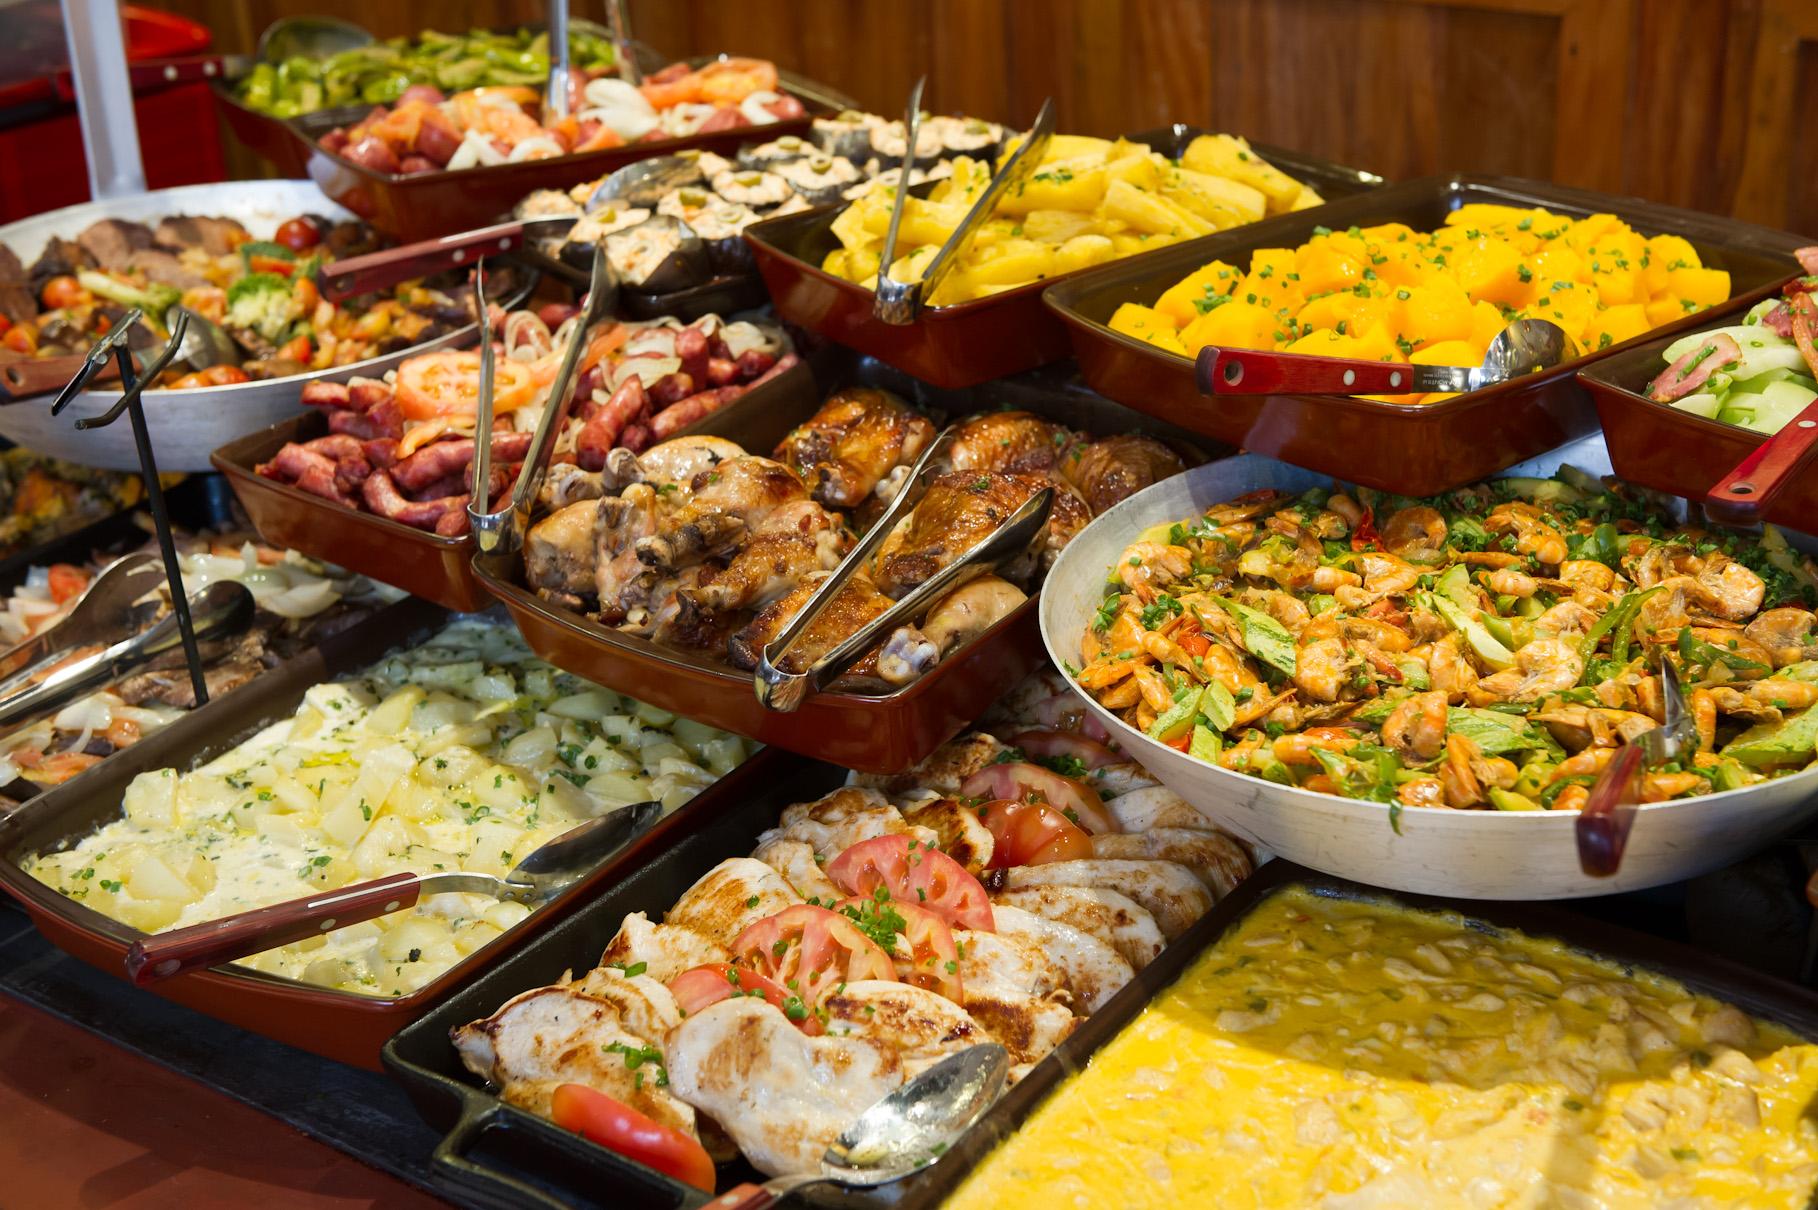 Take Out Food Ideas Toronto